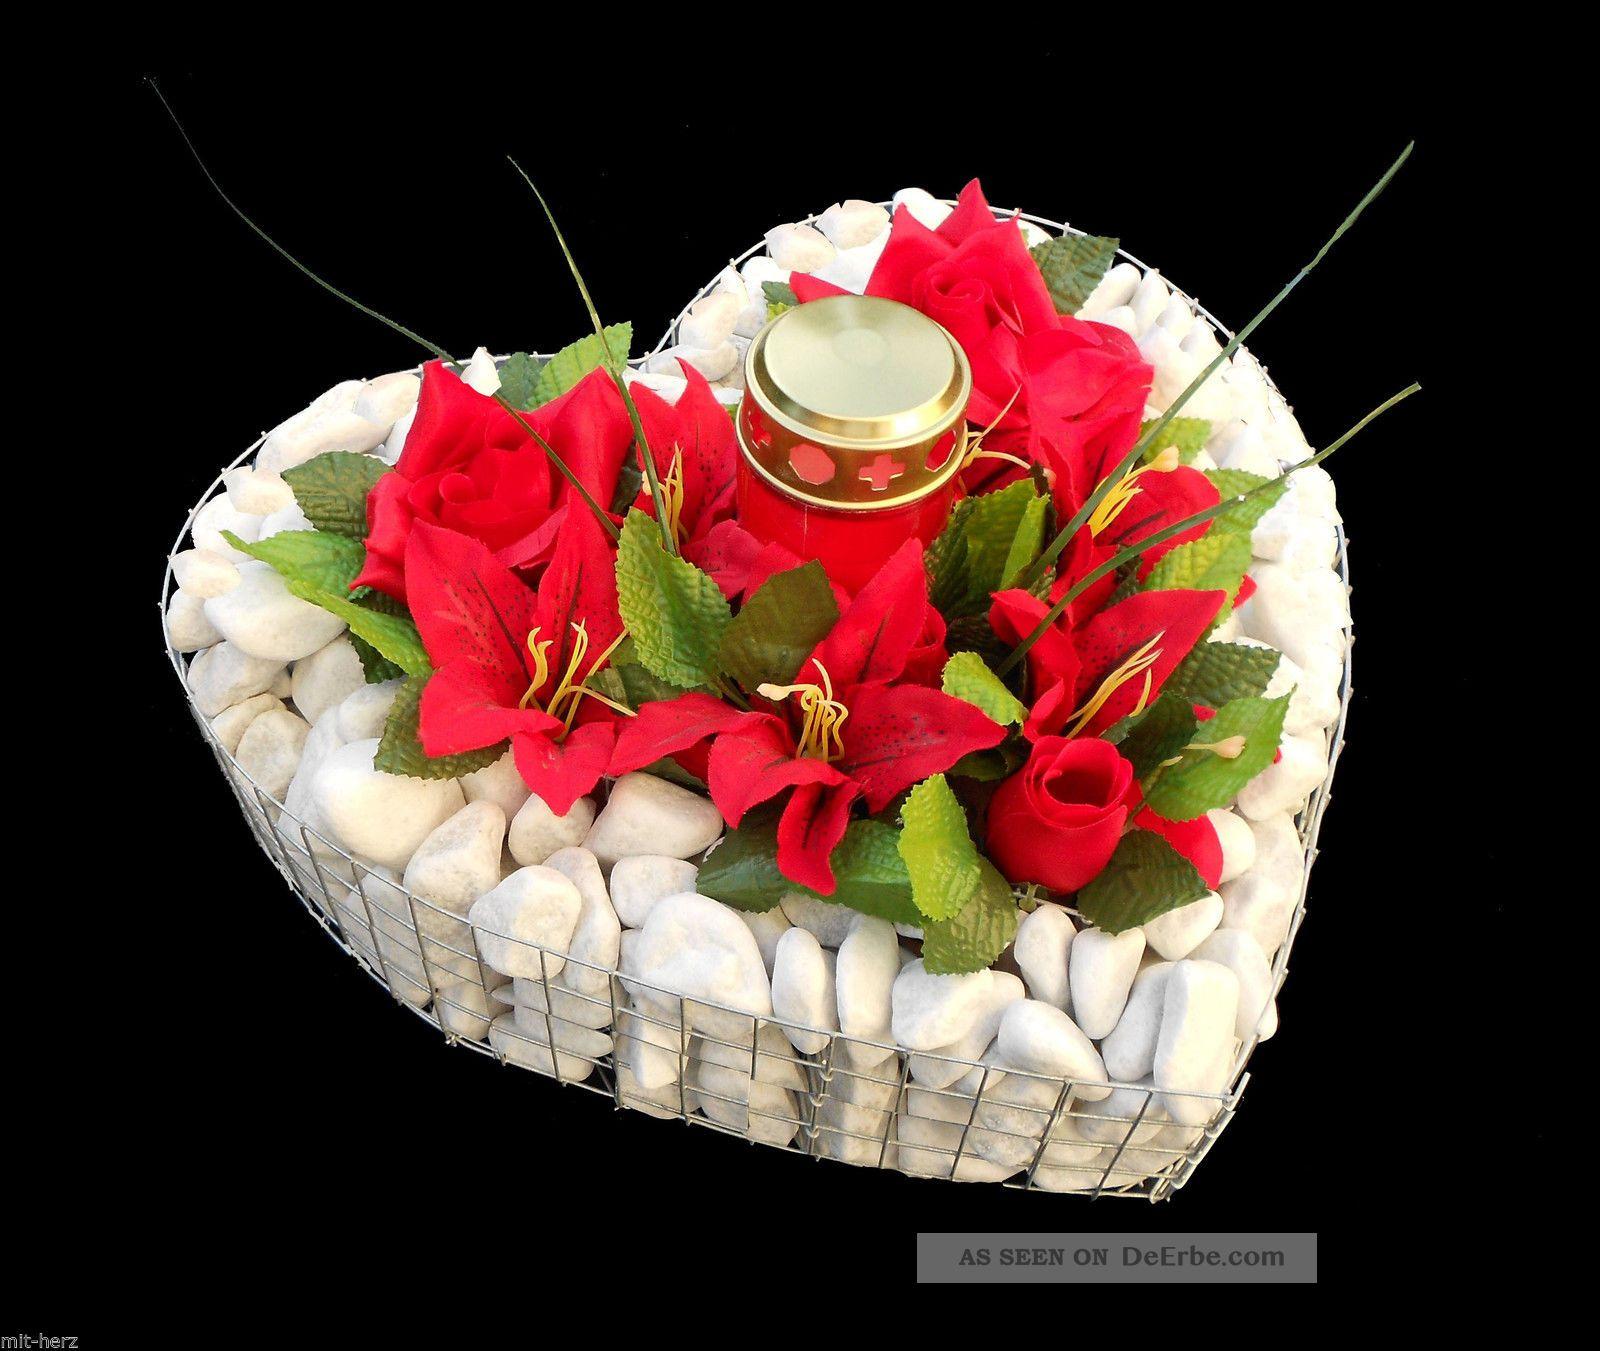 Grabherz M.  Kies Rosen Lilien U.  Grablicht 35x35x8cm Grabschmuck Herz Friedhof Nostalgie- & Neuware Bild